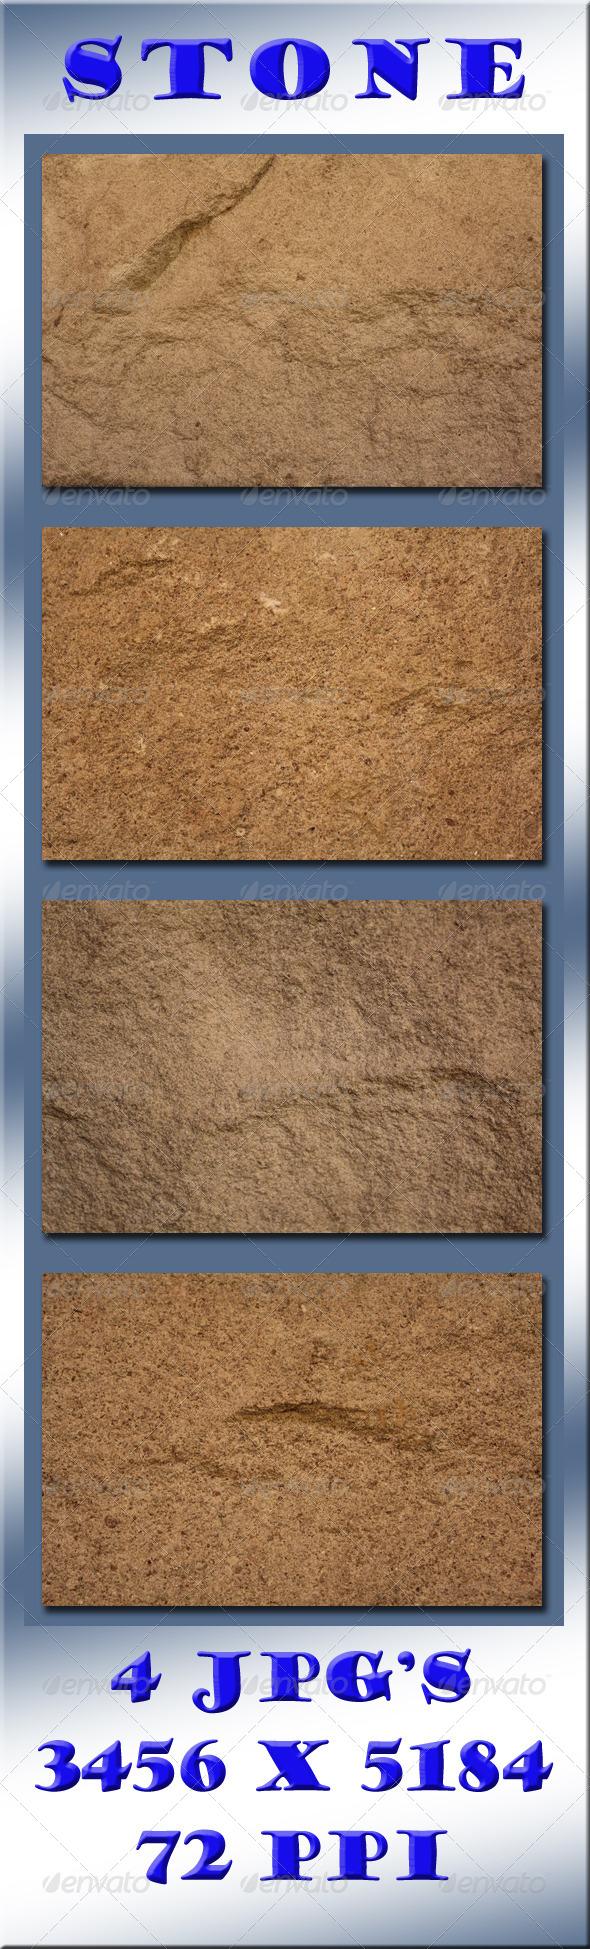 GraphicRiver Stone Texture 4086862